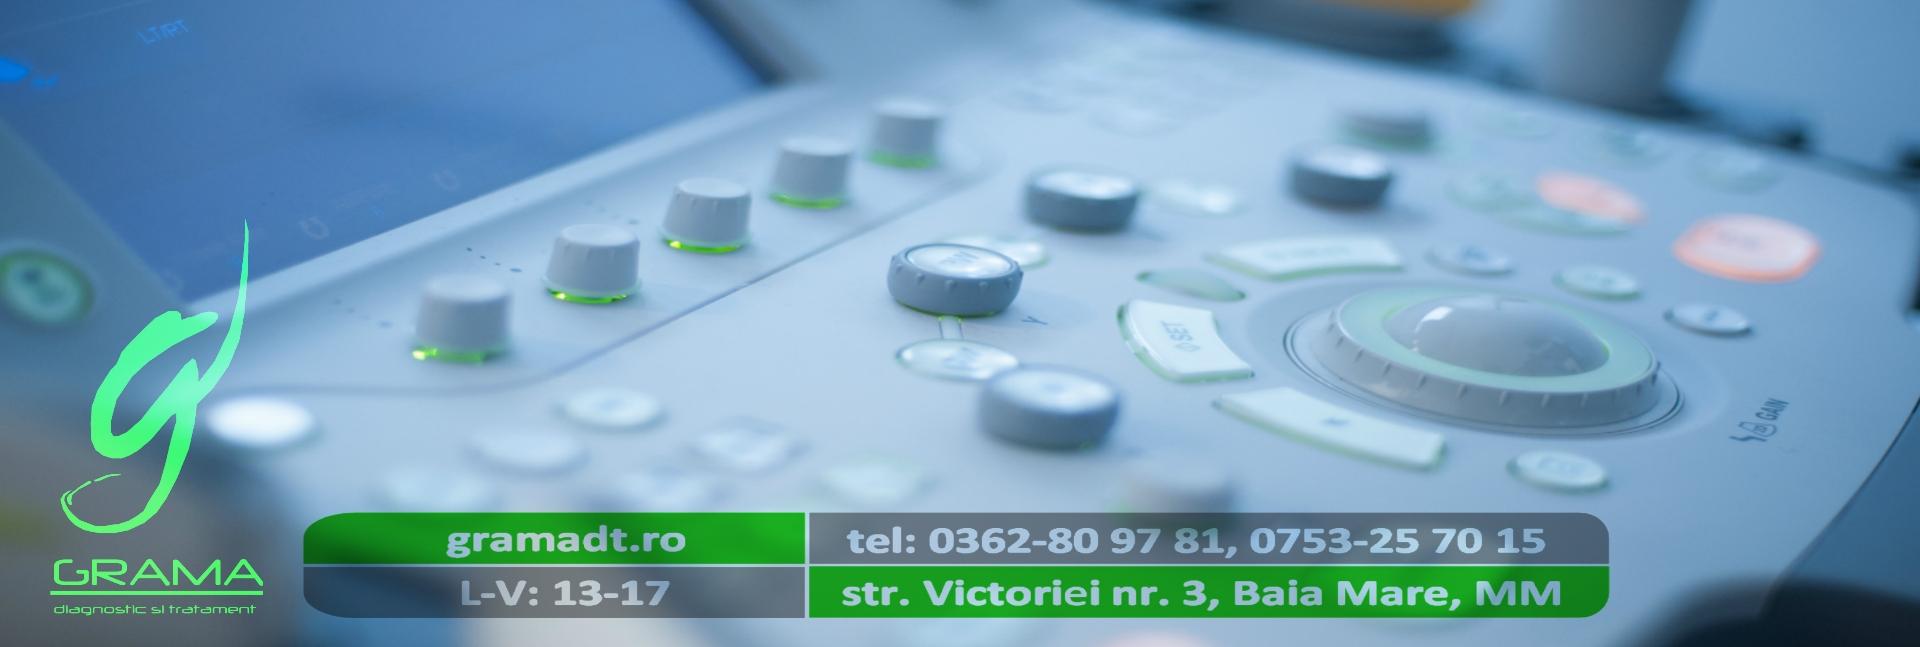 consola-eco-grama-logo-1